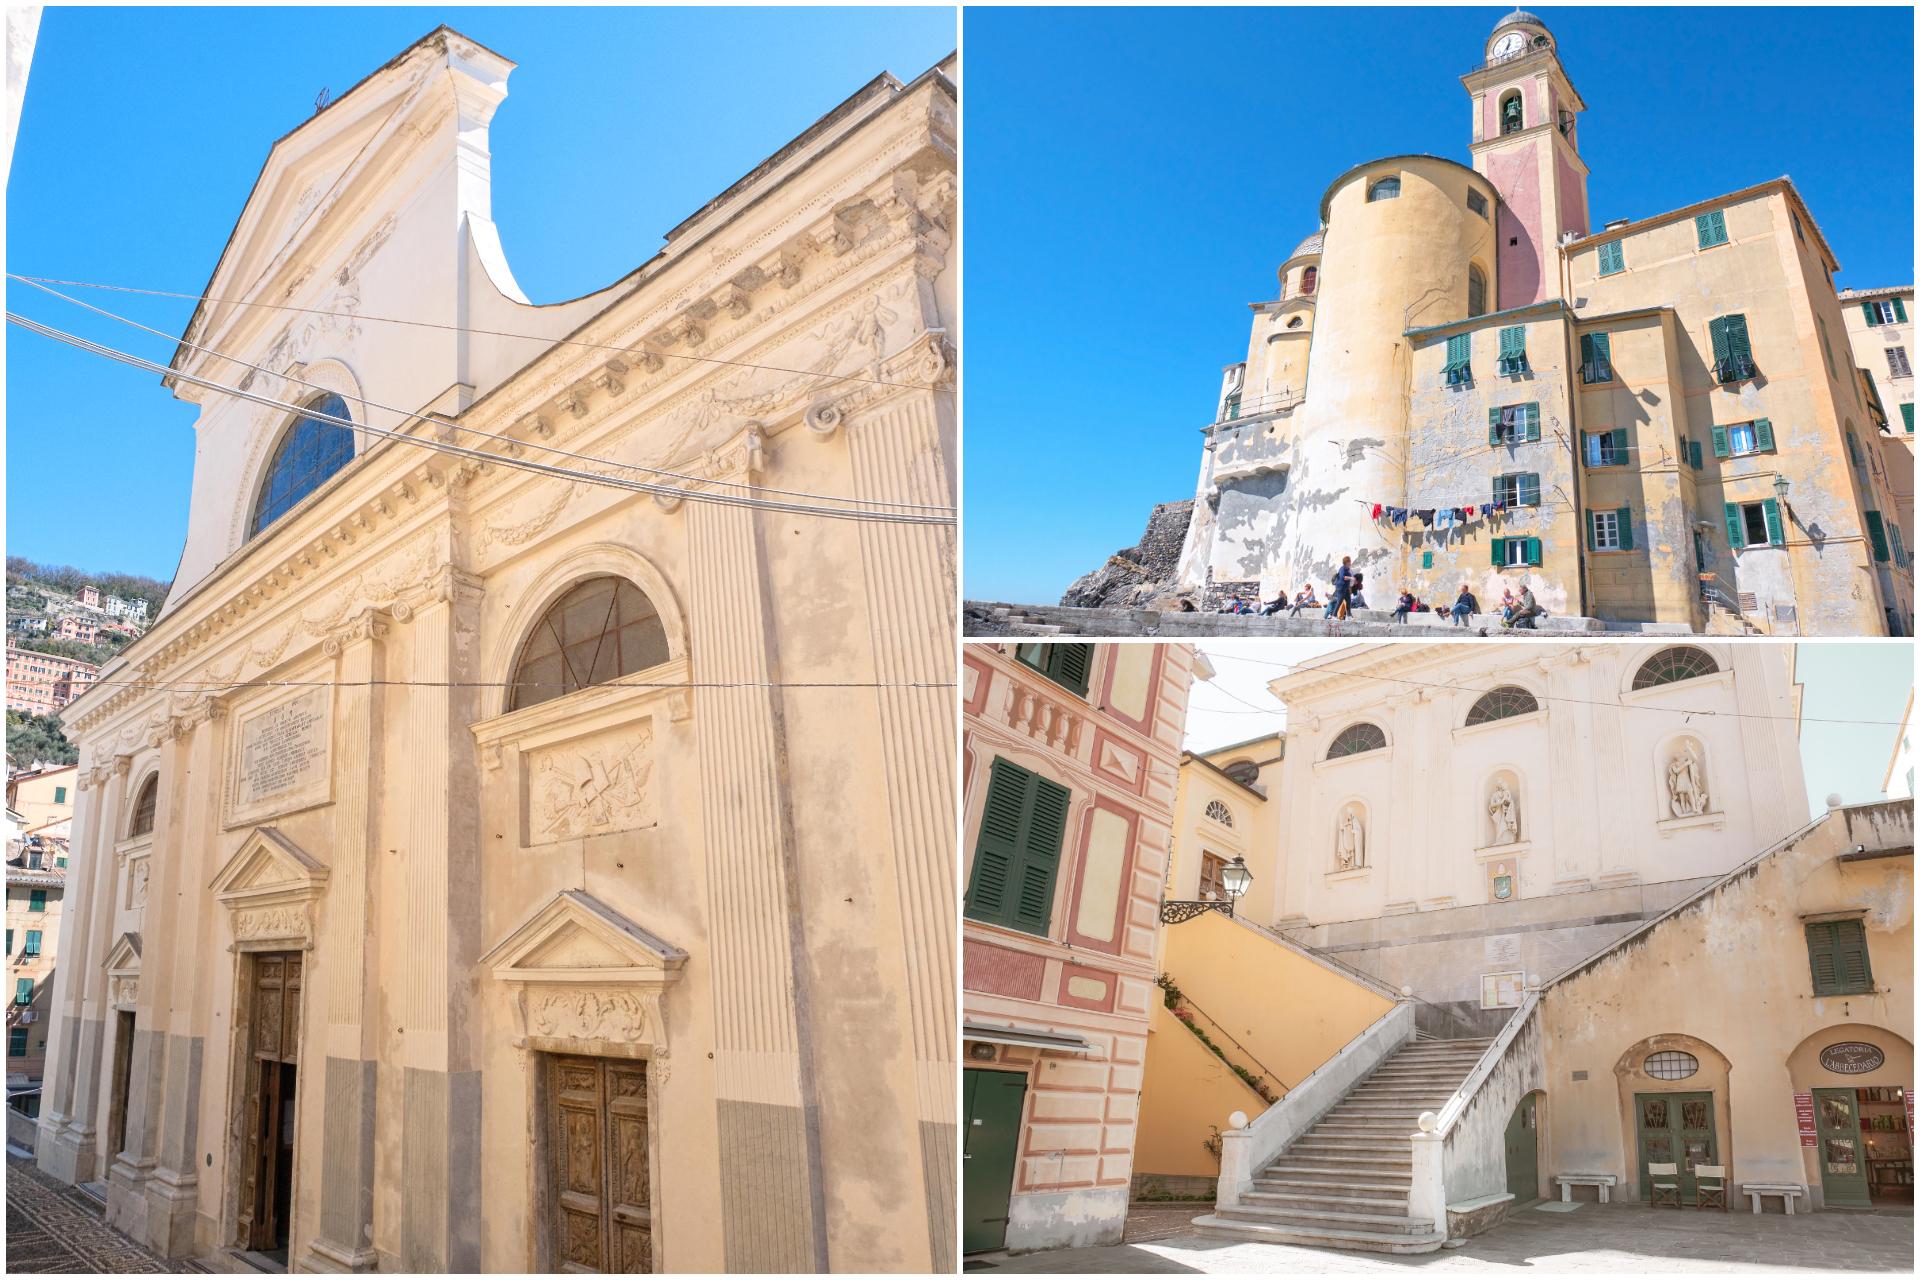 Basilica Santa Maria Assunta Camogli